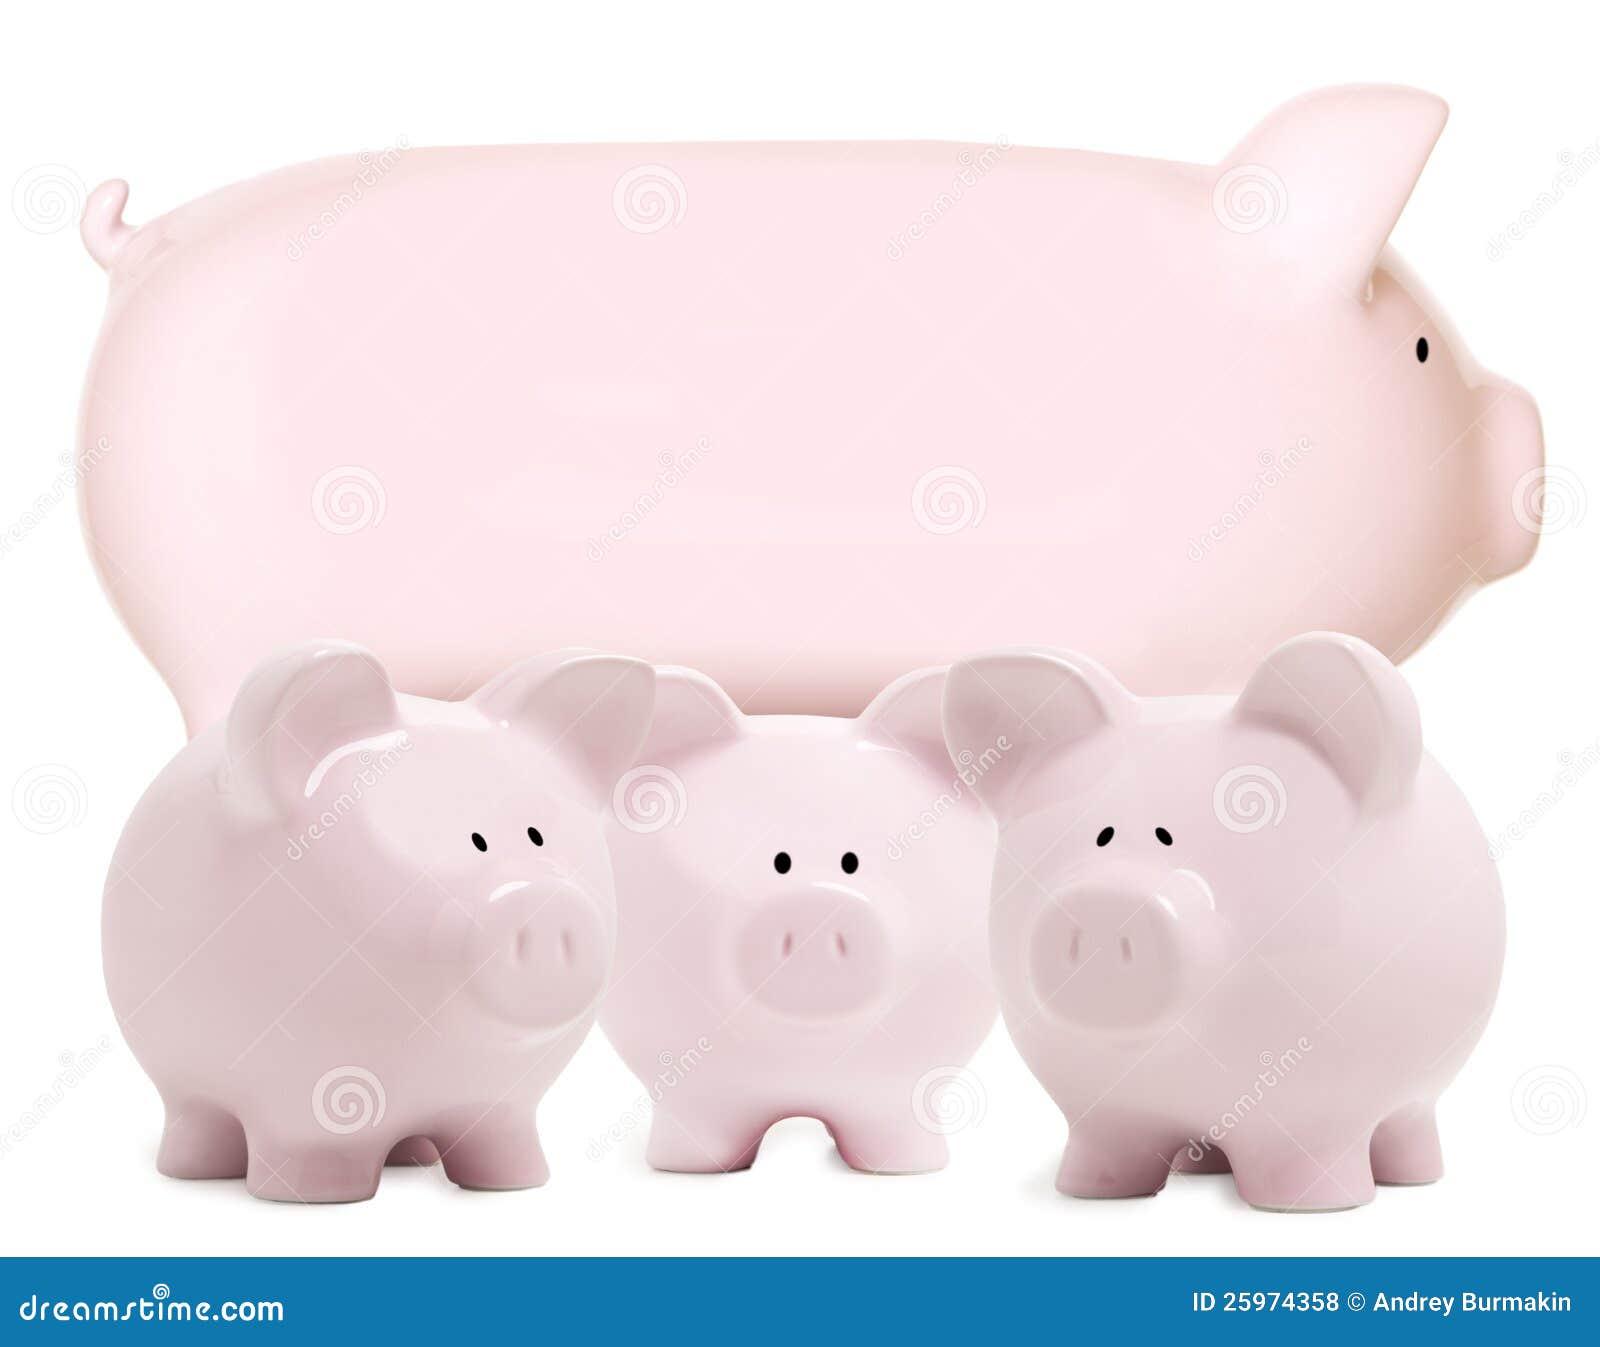 Momma piggy bank